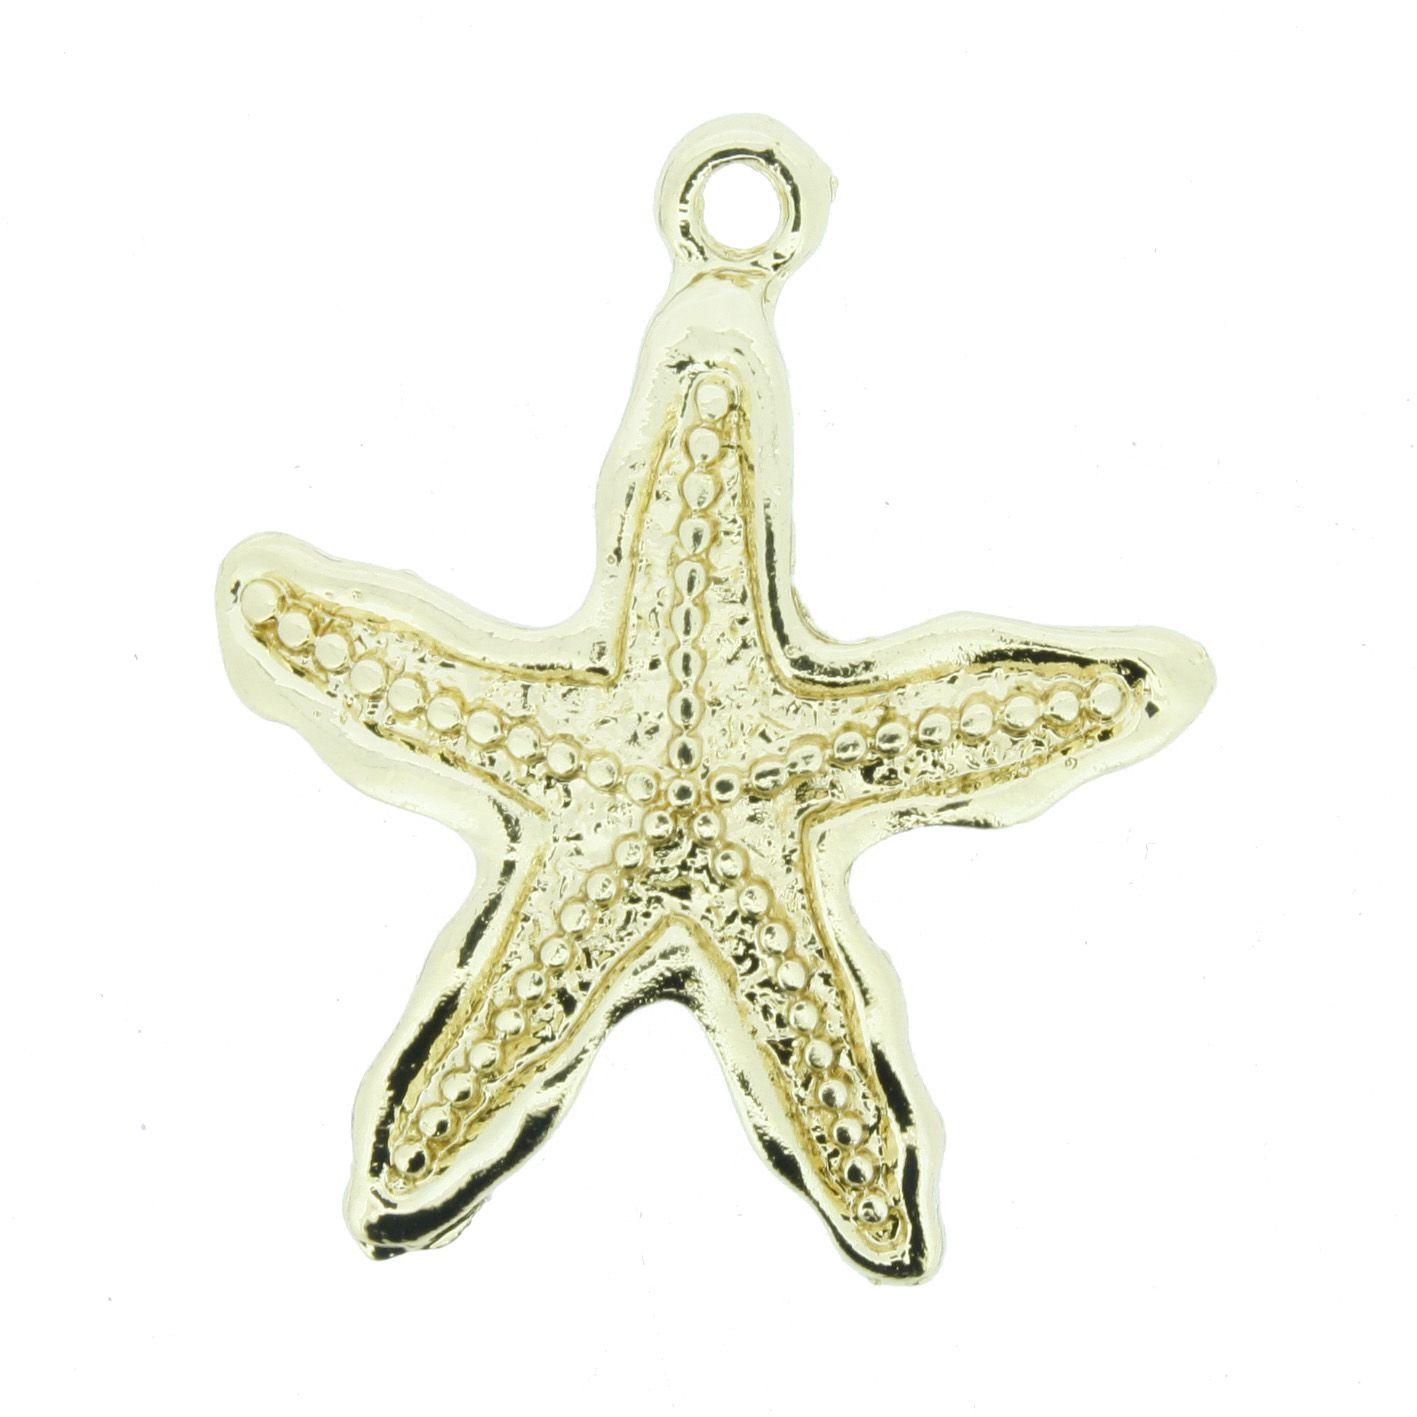 Estrela do Mar - Dourada - 34mm  - Universo Religioso® - Artigos de Umbanda e Candomblé